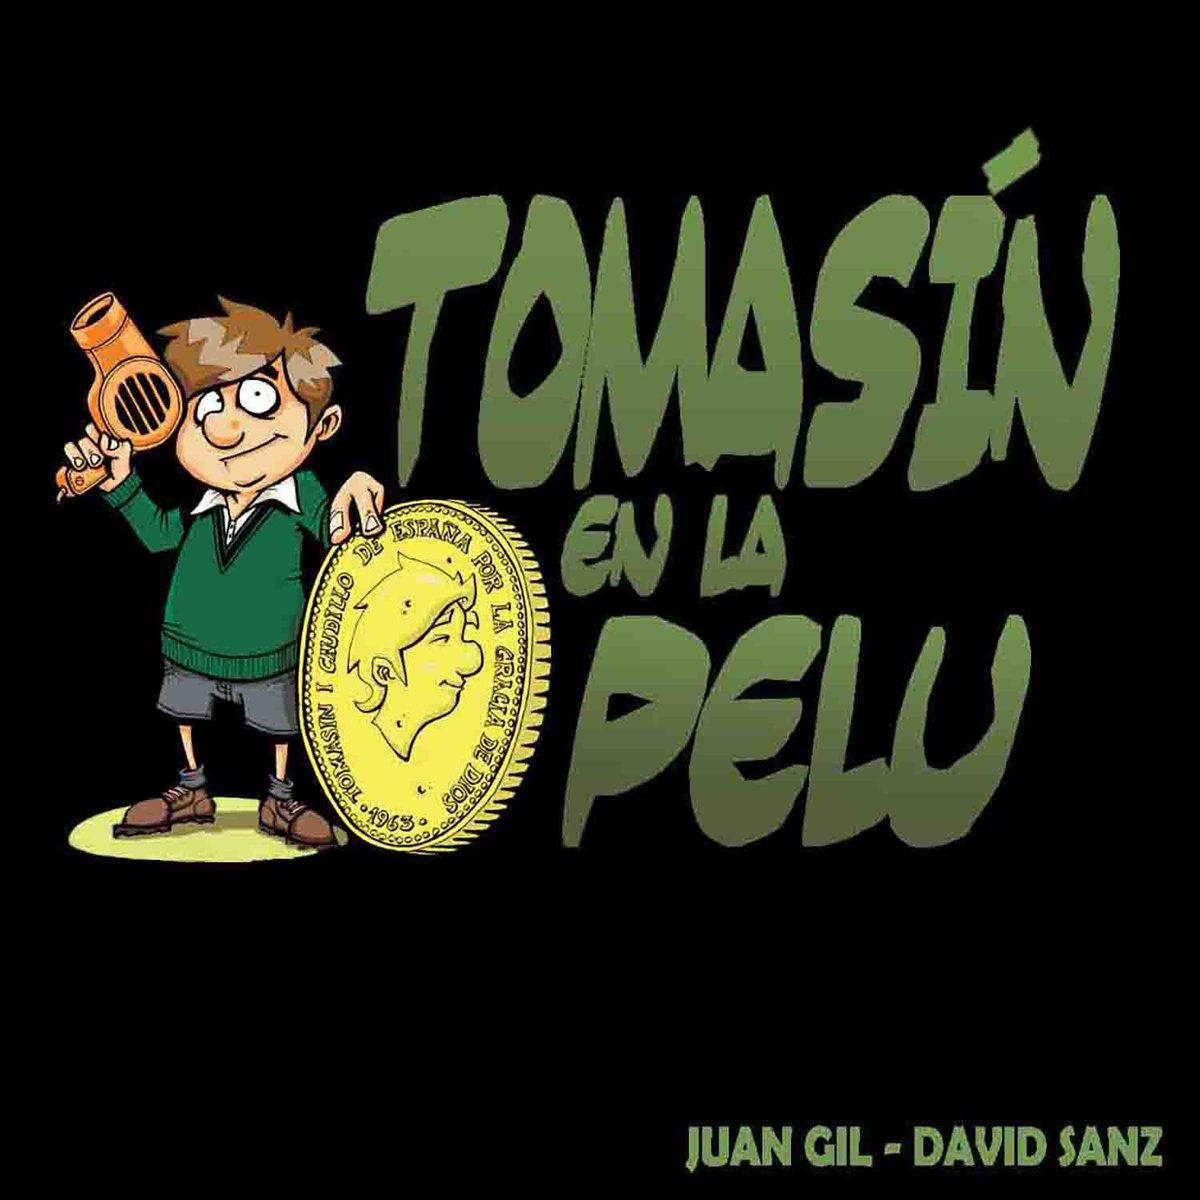 Tomasín tiene siete años y le gustan los cómics. Imagina historias de héroes y princesas en reinos muy lejanos. Lo que no imagina es que, en la peluquería de su barrio vivirá su mayor aventura. Disponible ya, gratis. #comic #tebeo #webcomic #cómics #infantil pic.twitter.com/oqbFNVPKaW